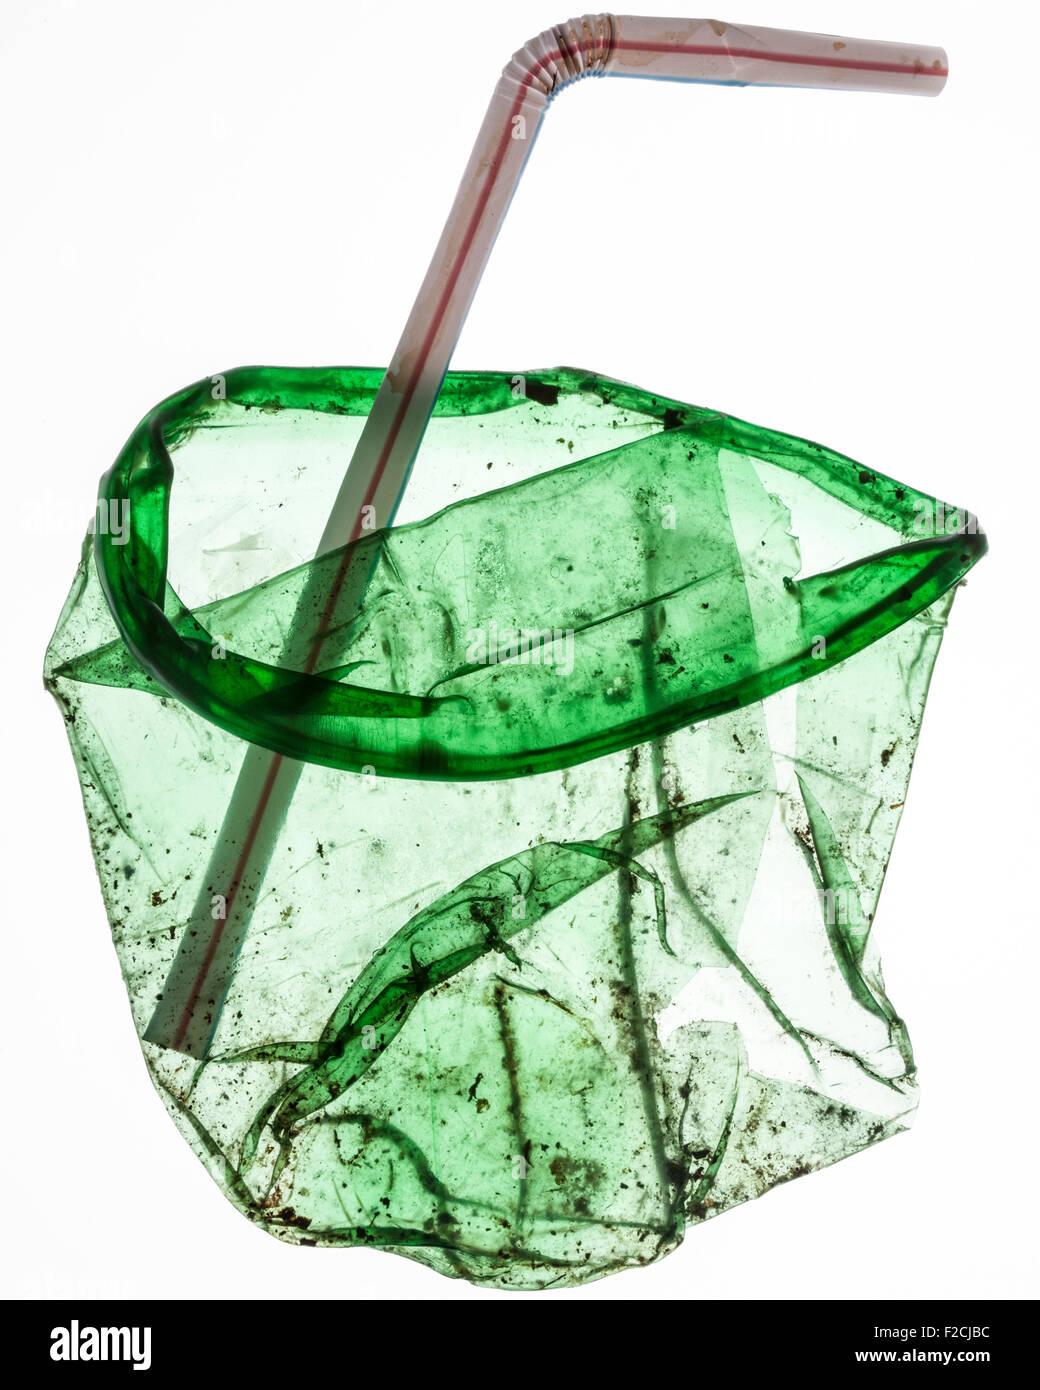 Aplanada, cubeta de plástico translúcido verde sucio con paja doblada Imagen De Stock